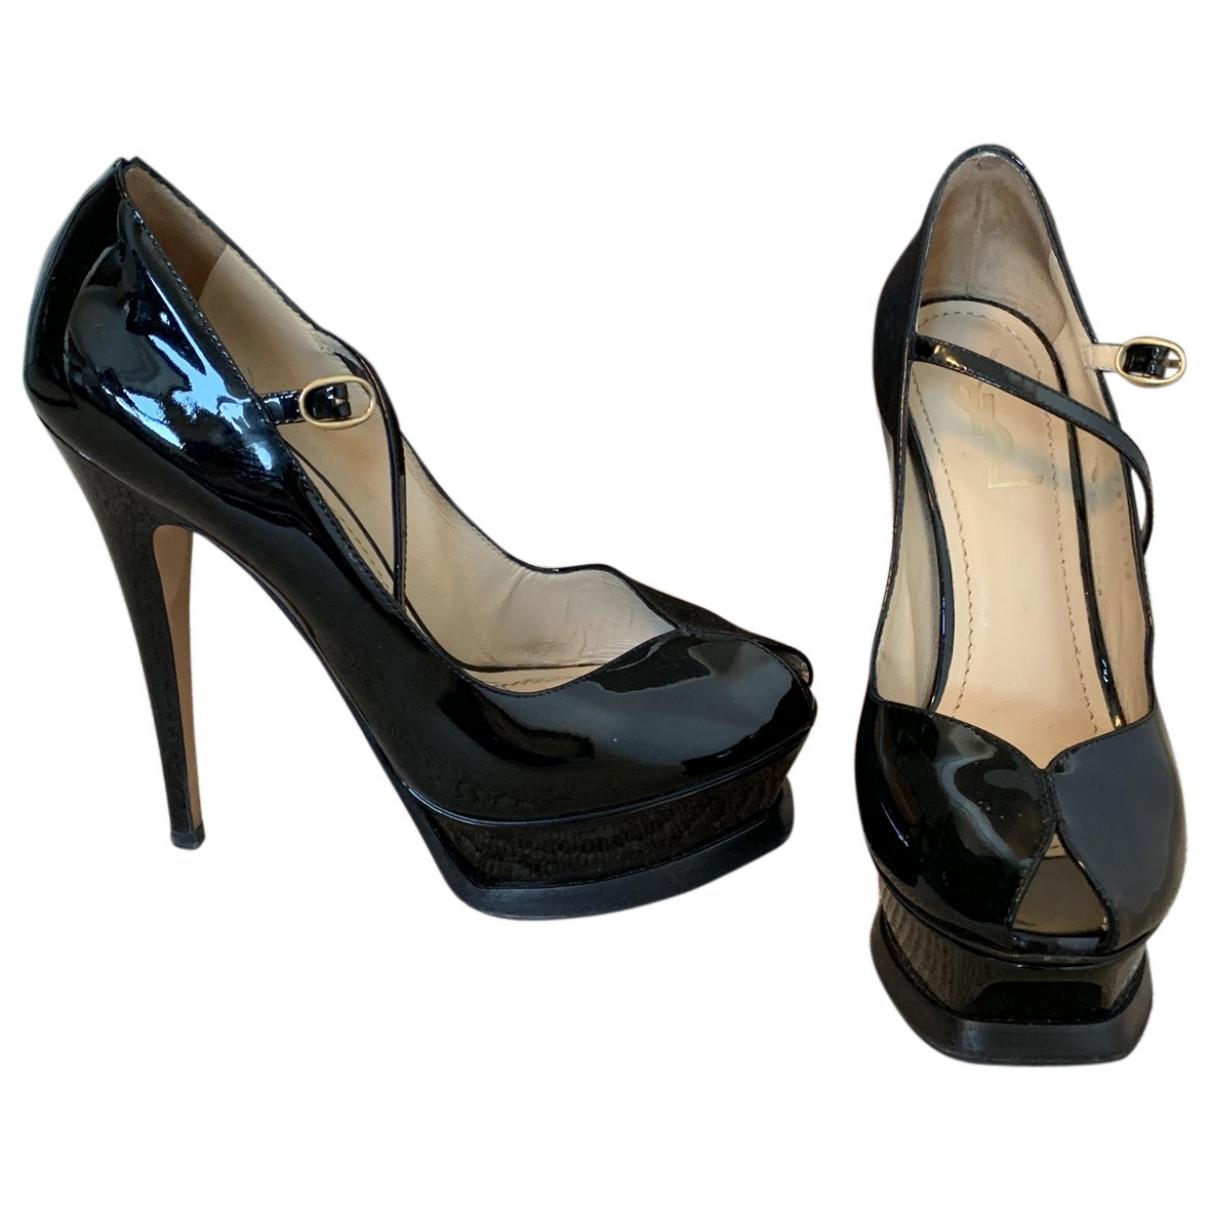 Yves Saint Laurent Palais Black Patent leather Heels for Women 38 EU